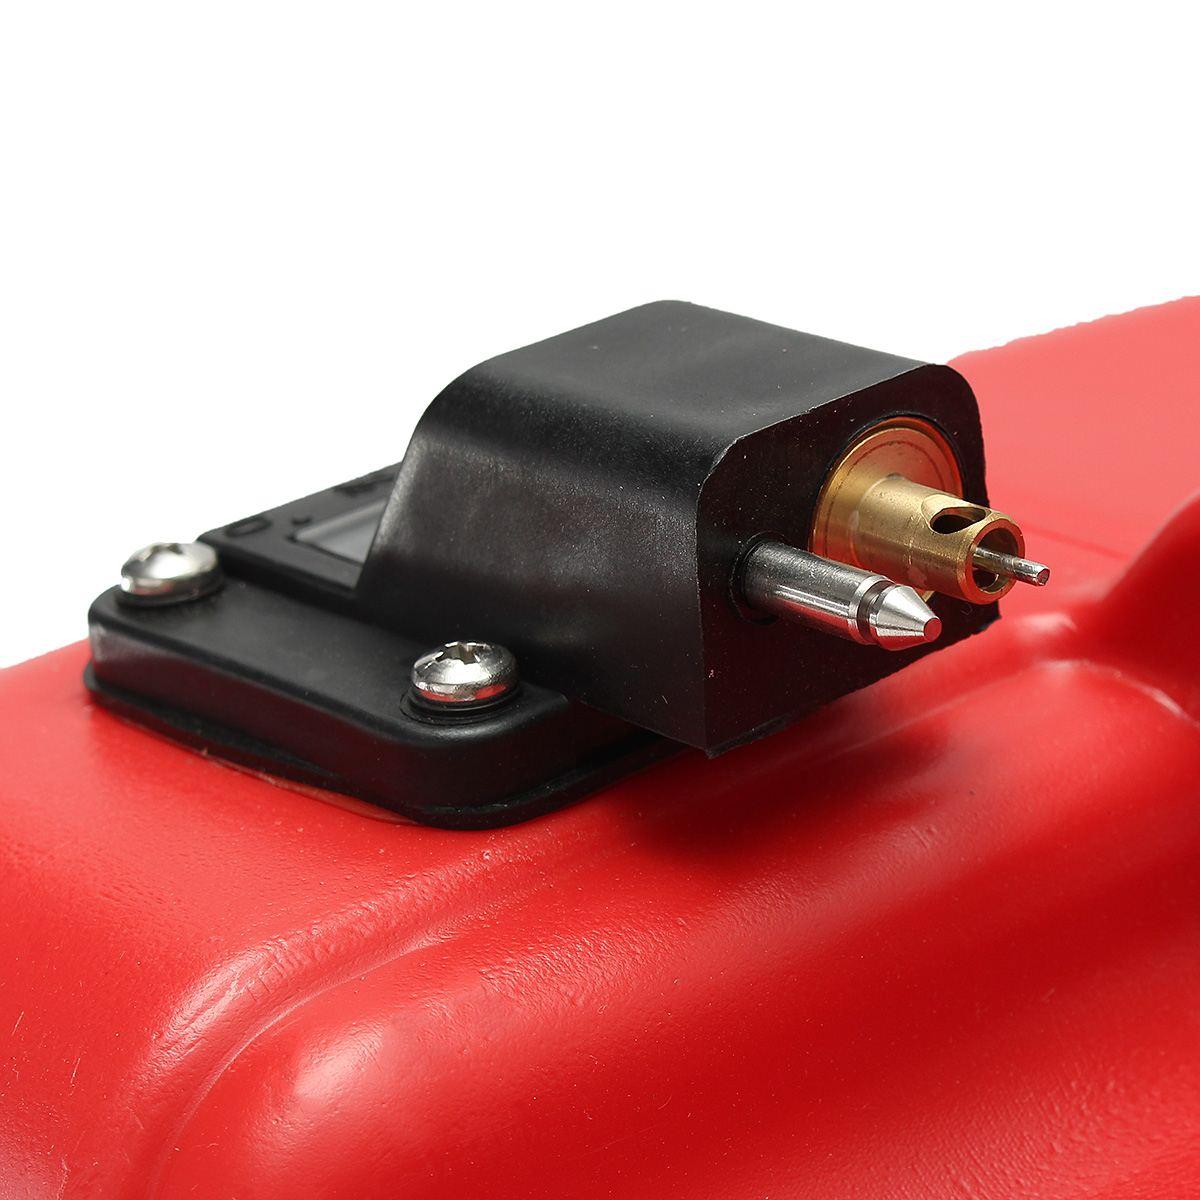 Boîte à huile extérieure Marine de réservoir de carburant de moteur de Yacht de bateau de 12L Portable avec le plastique rouge de connecteur Anti-statique résistant à la Corrosion - 4